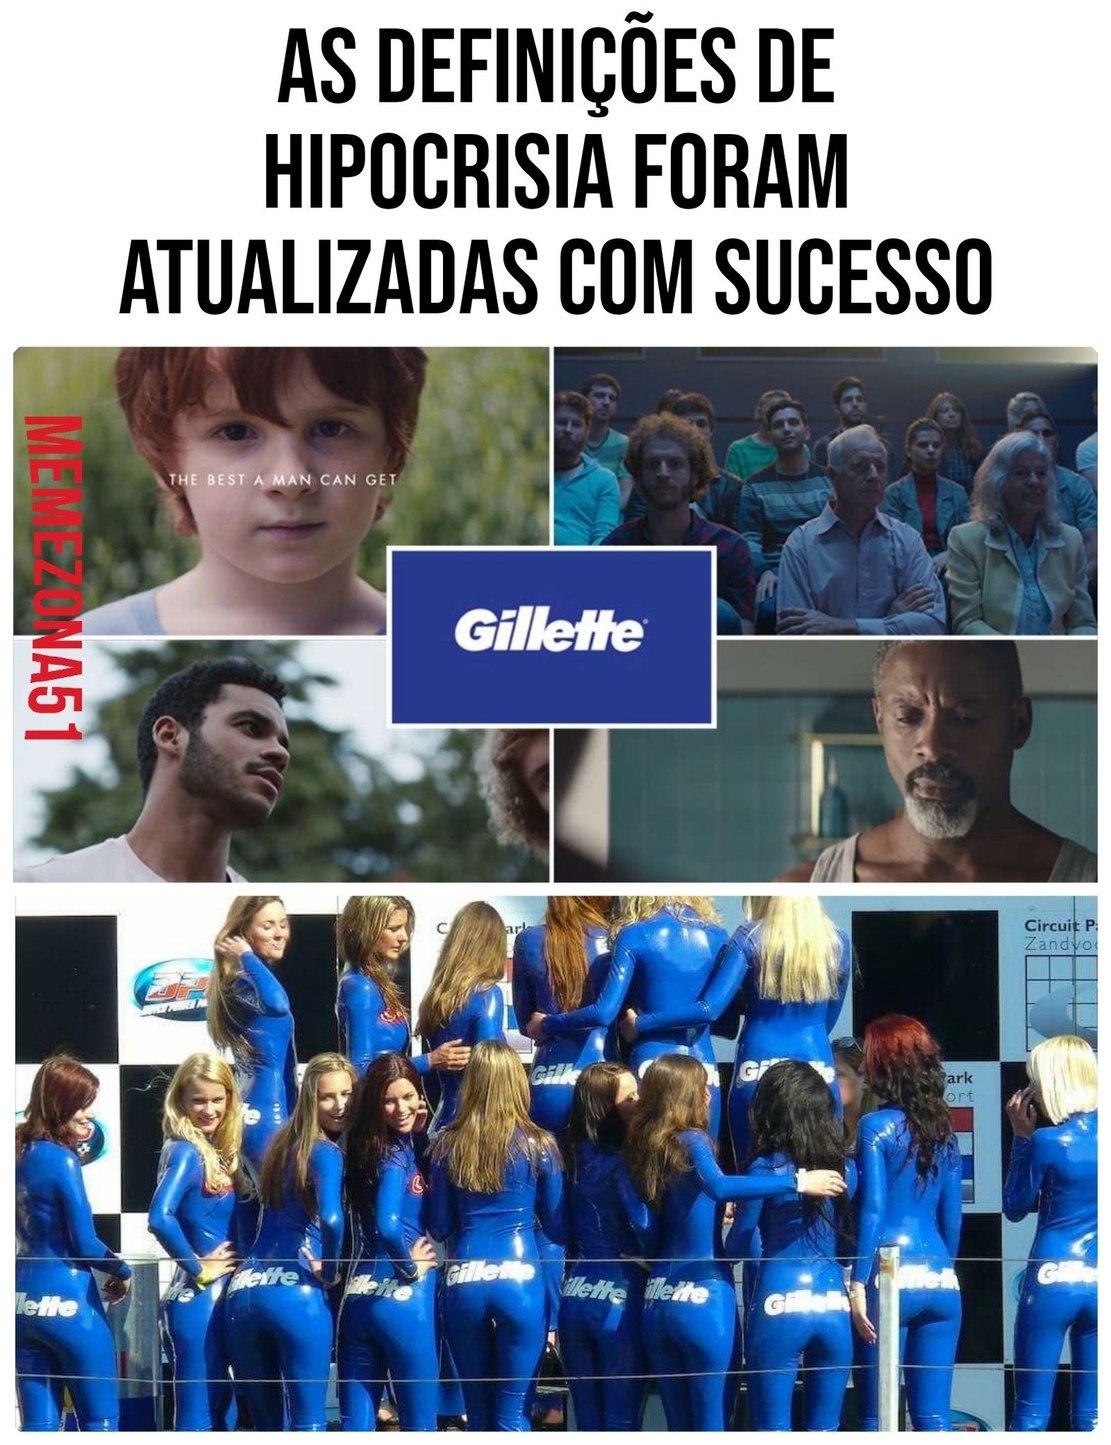 VTNC GILLETTE - meme